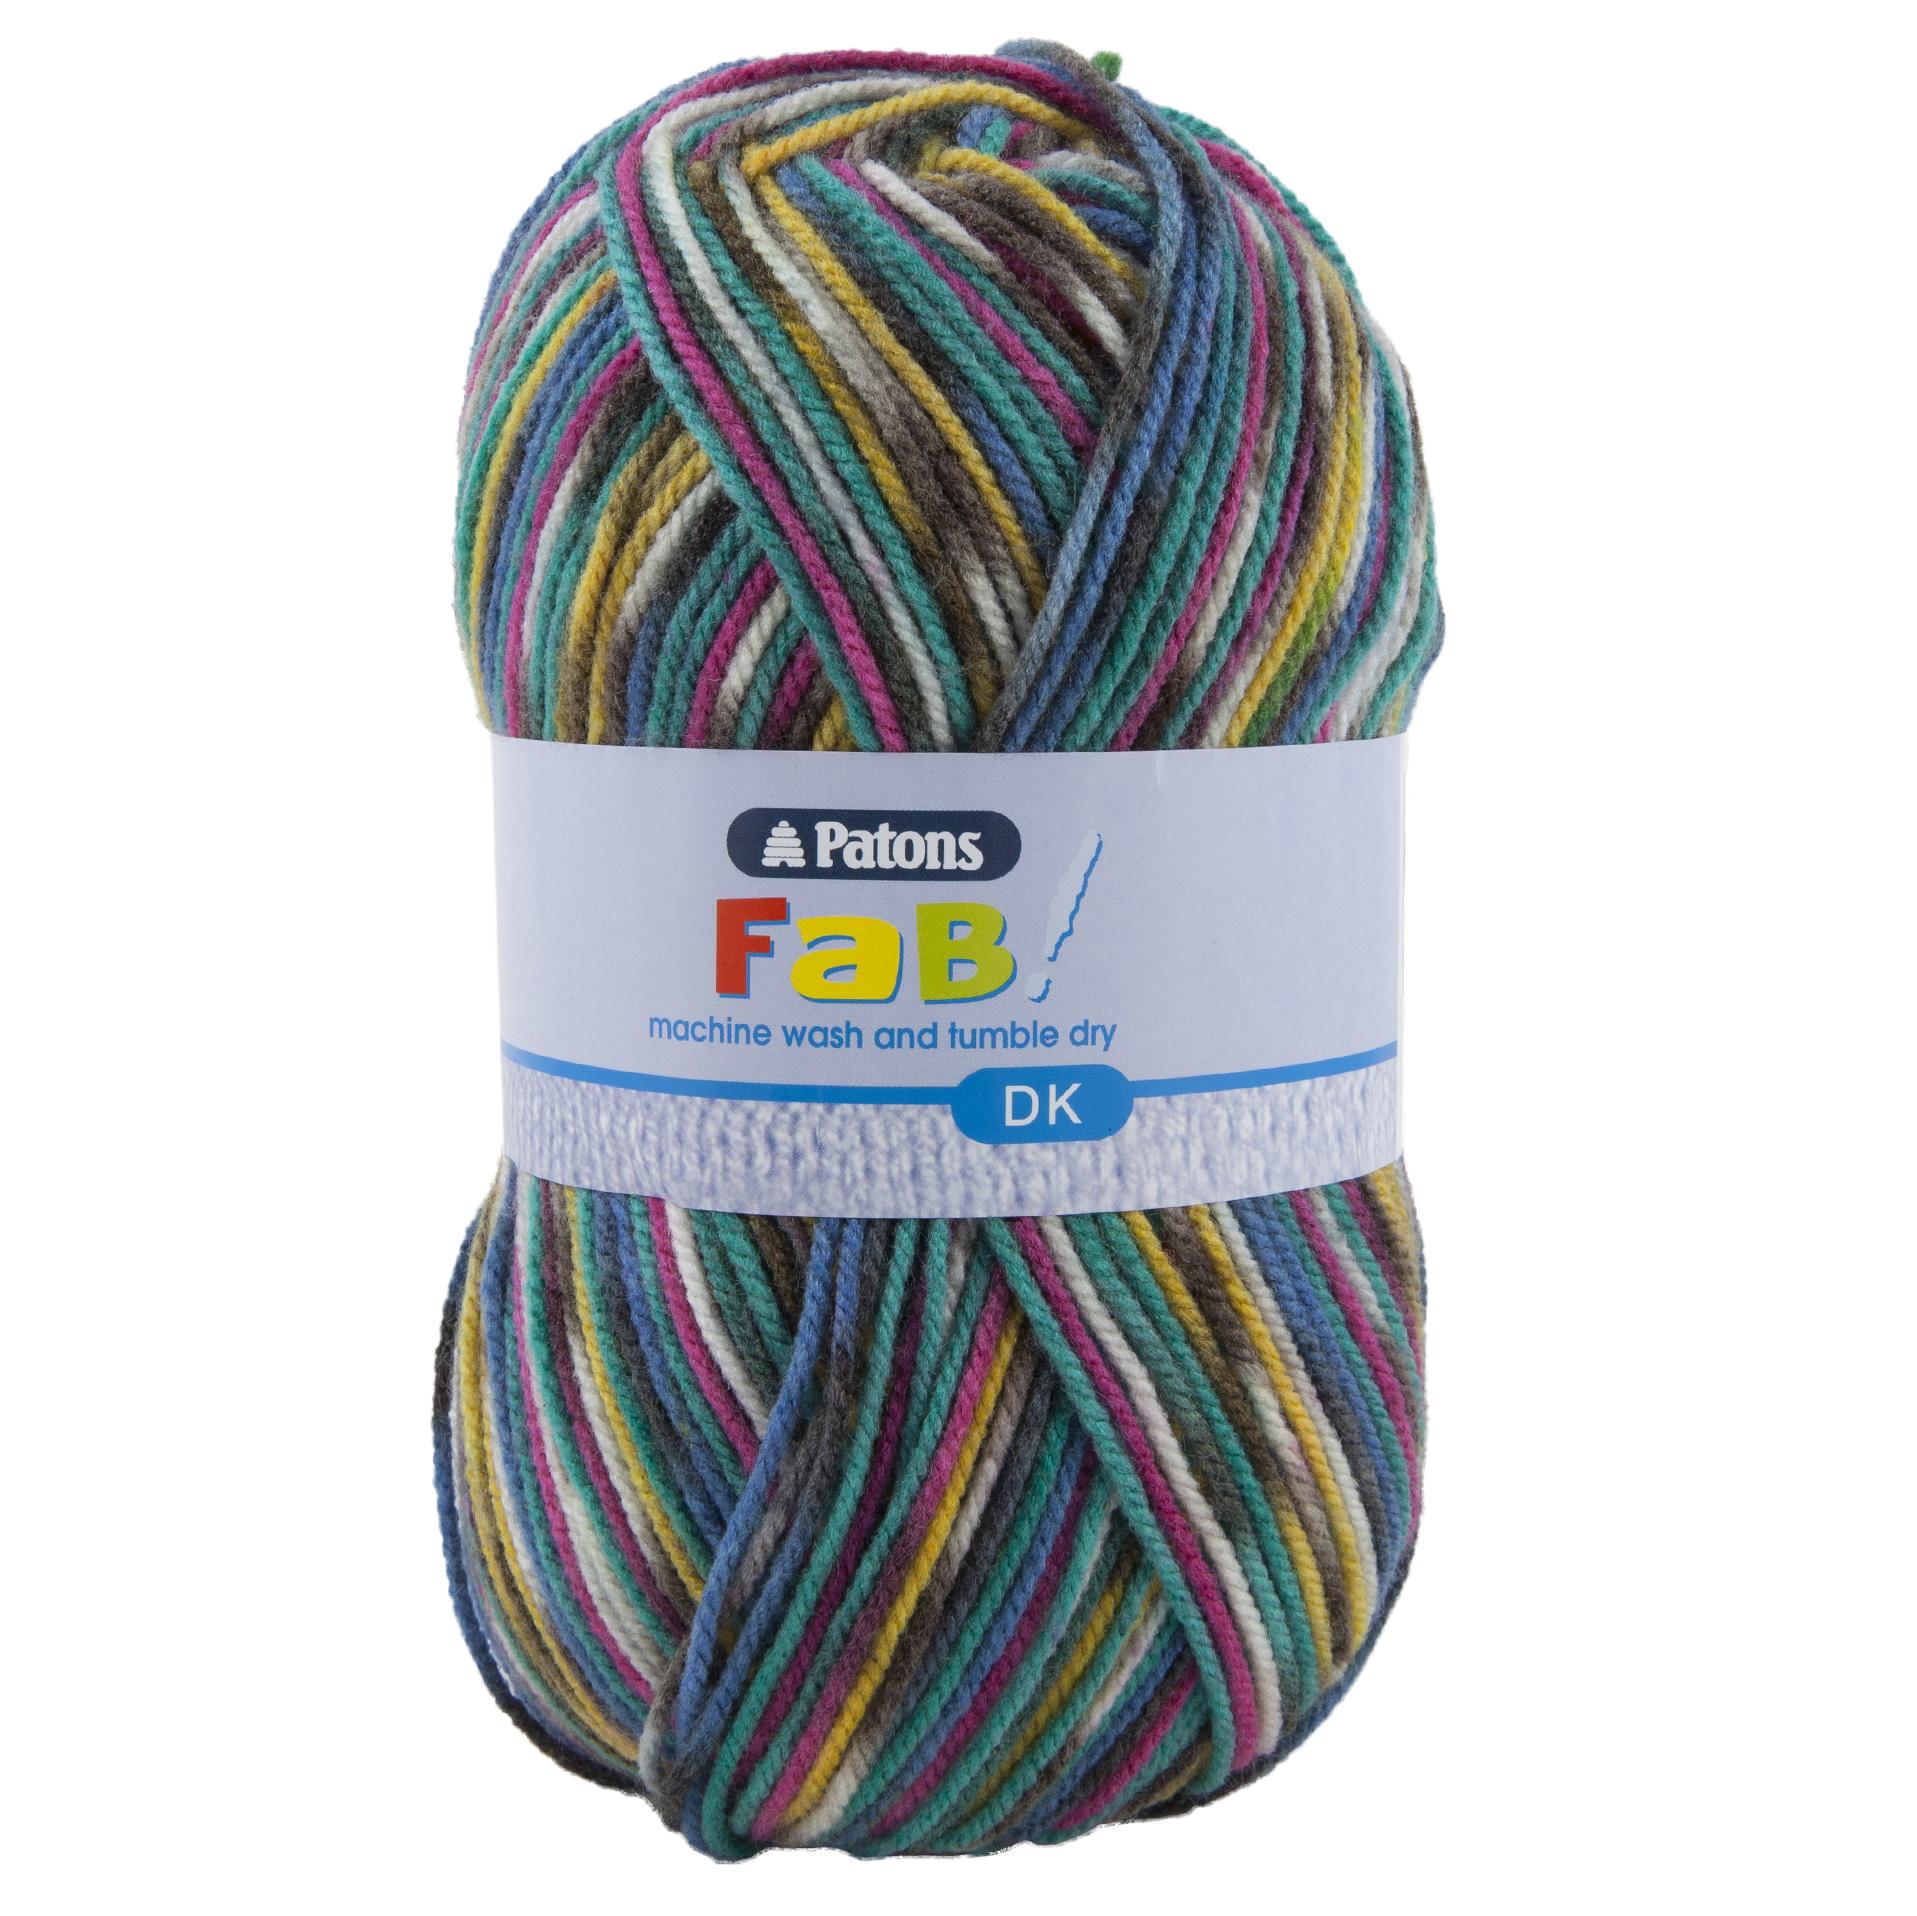 Canary Patons Yarn Fab DK Yarn 100g Ball